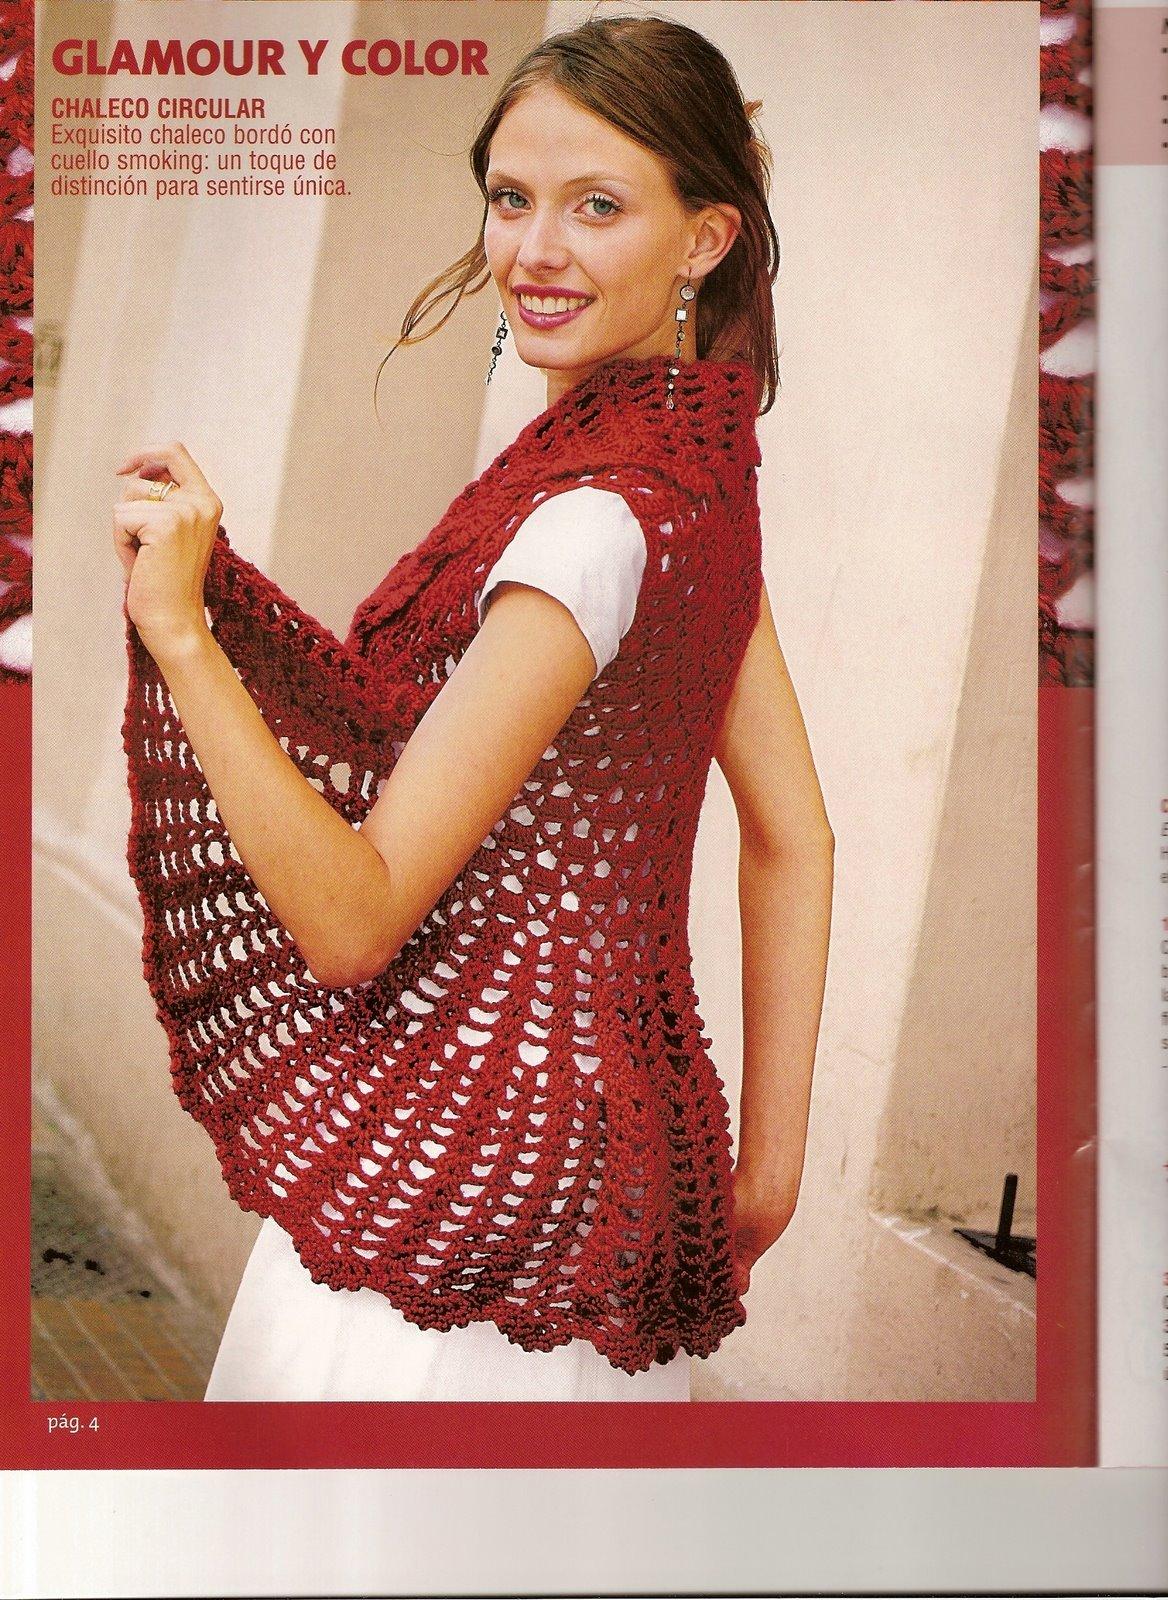 Para practicar el tejido en redondo o circular con puntos en crochet!